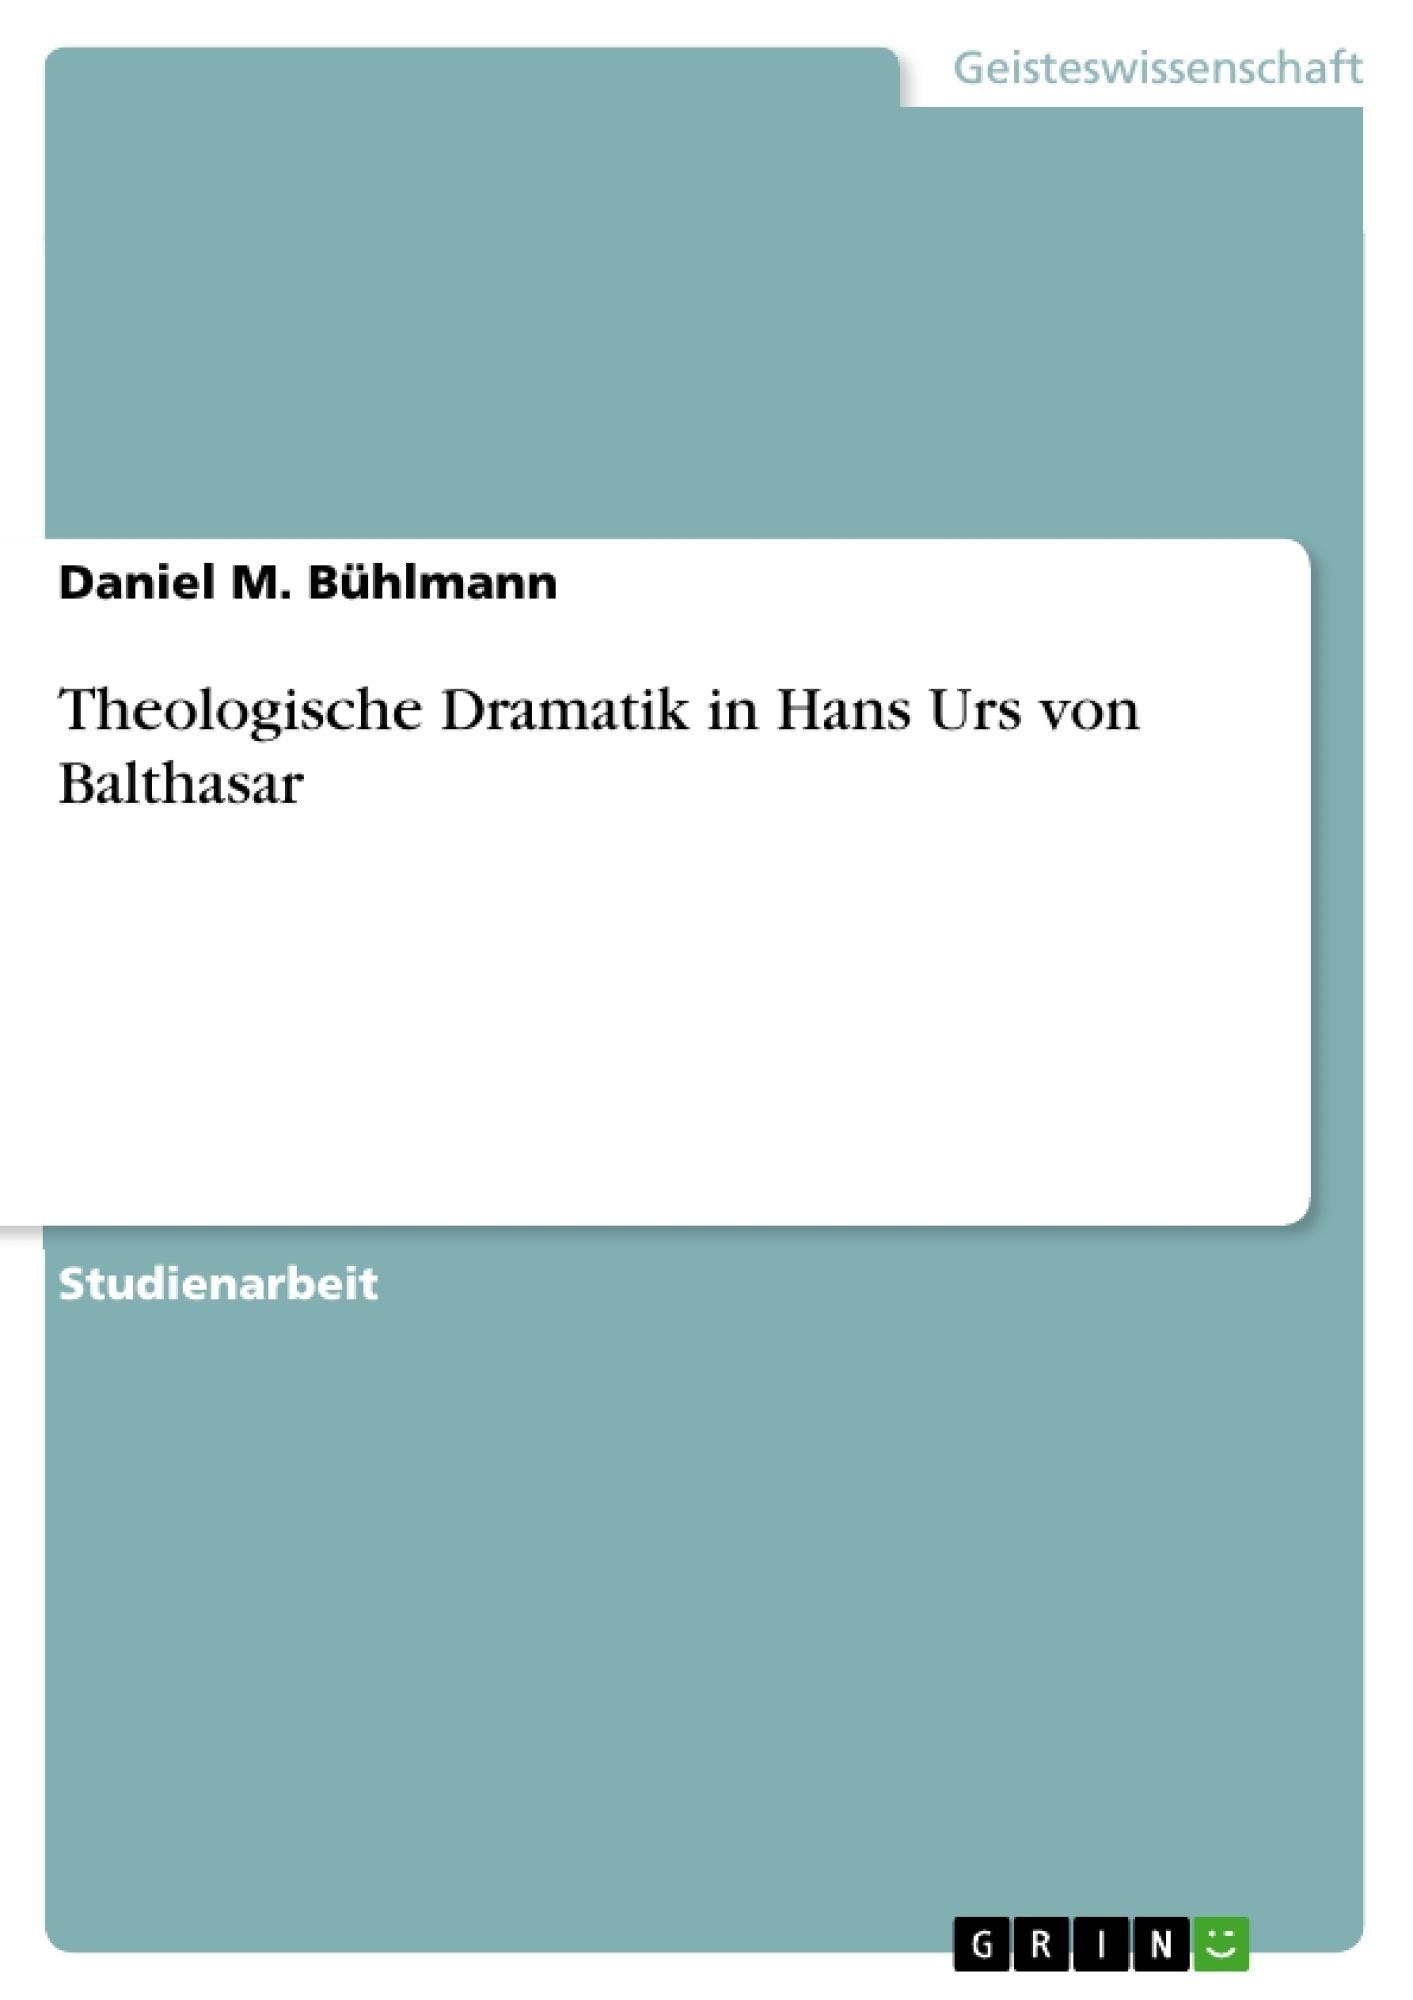 Titel: Theologische Dramatik in Hans Urs von Balthasar